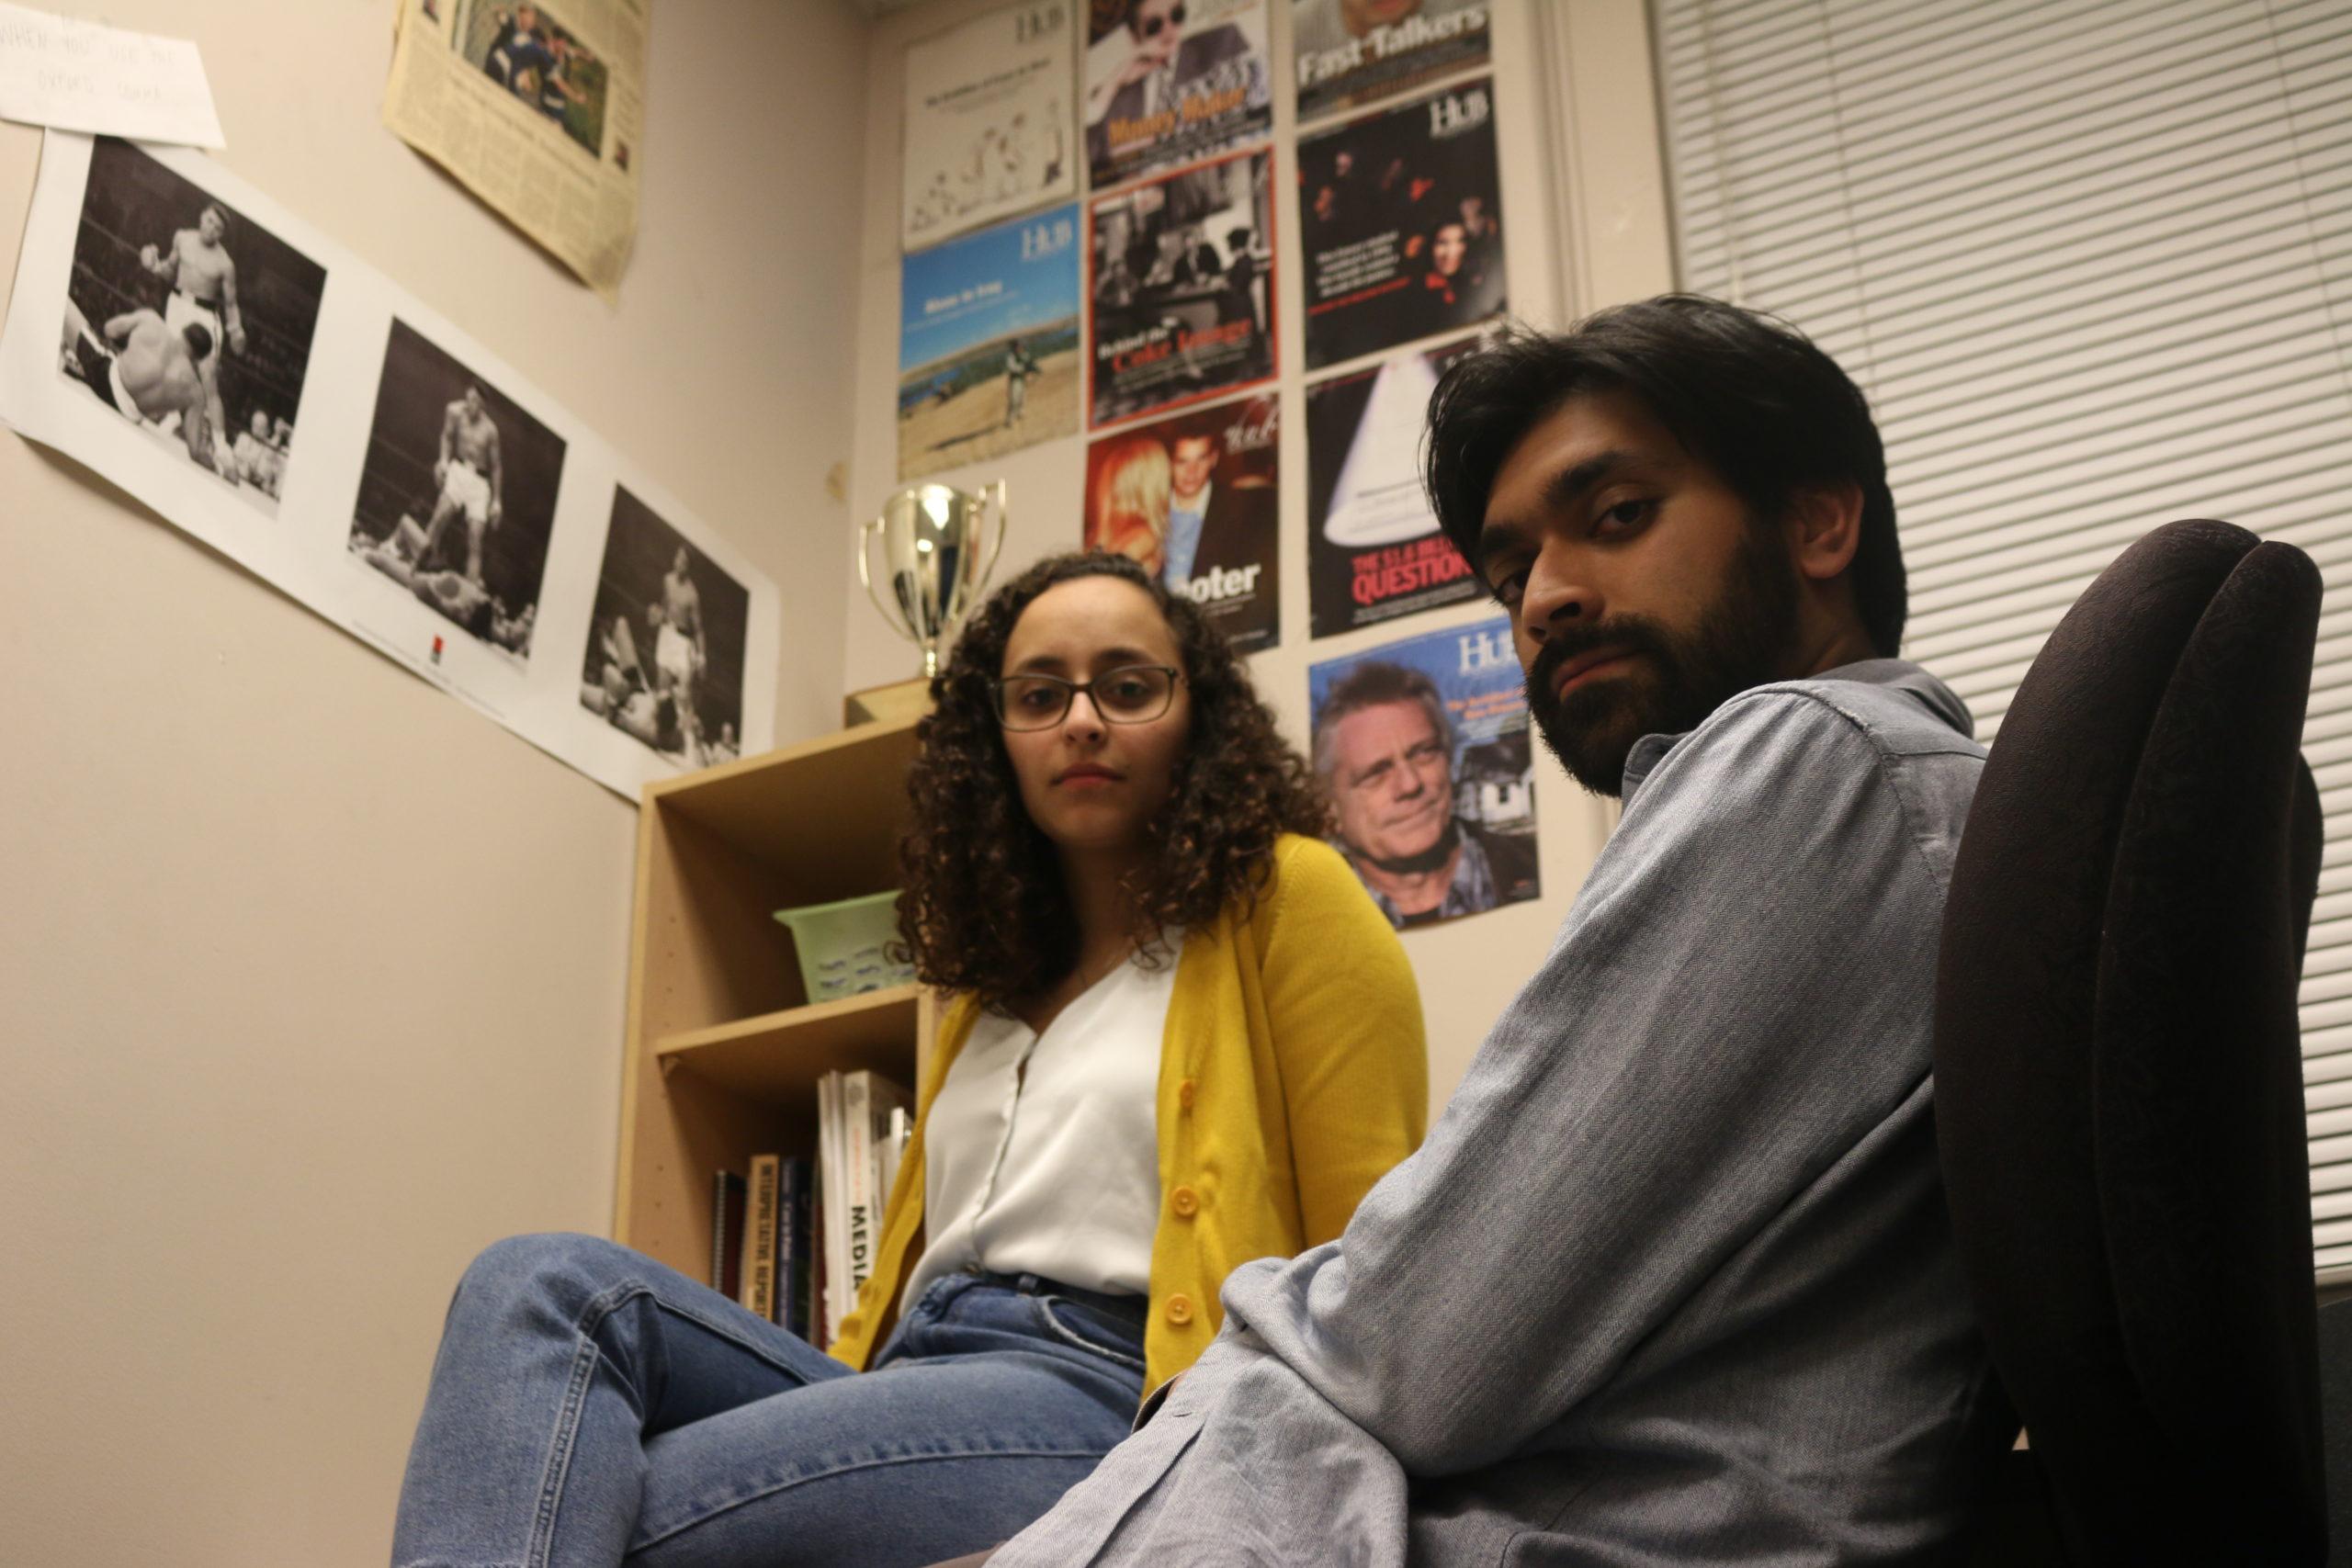 Naik and Sadek Reflect on 4-Year Trek